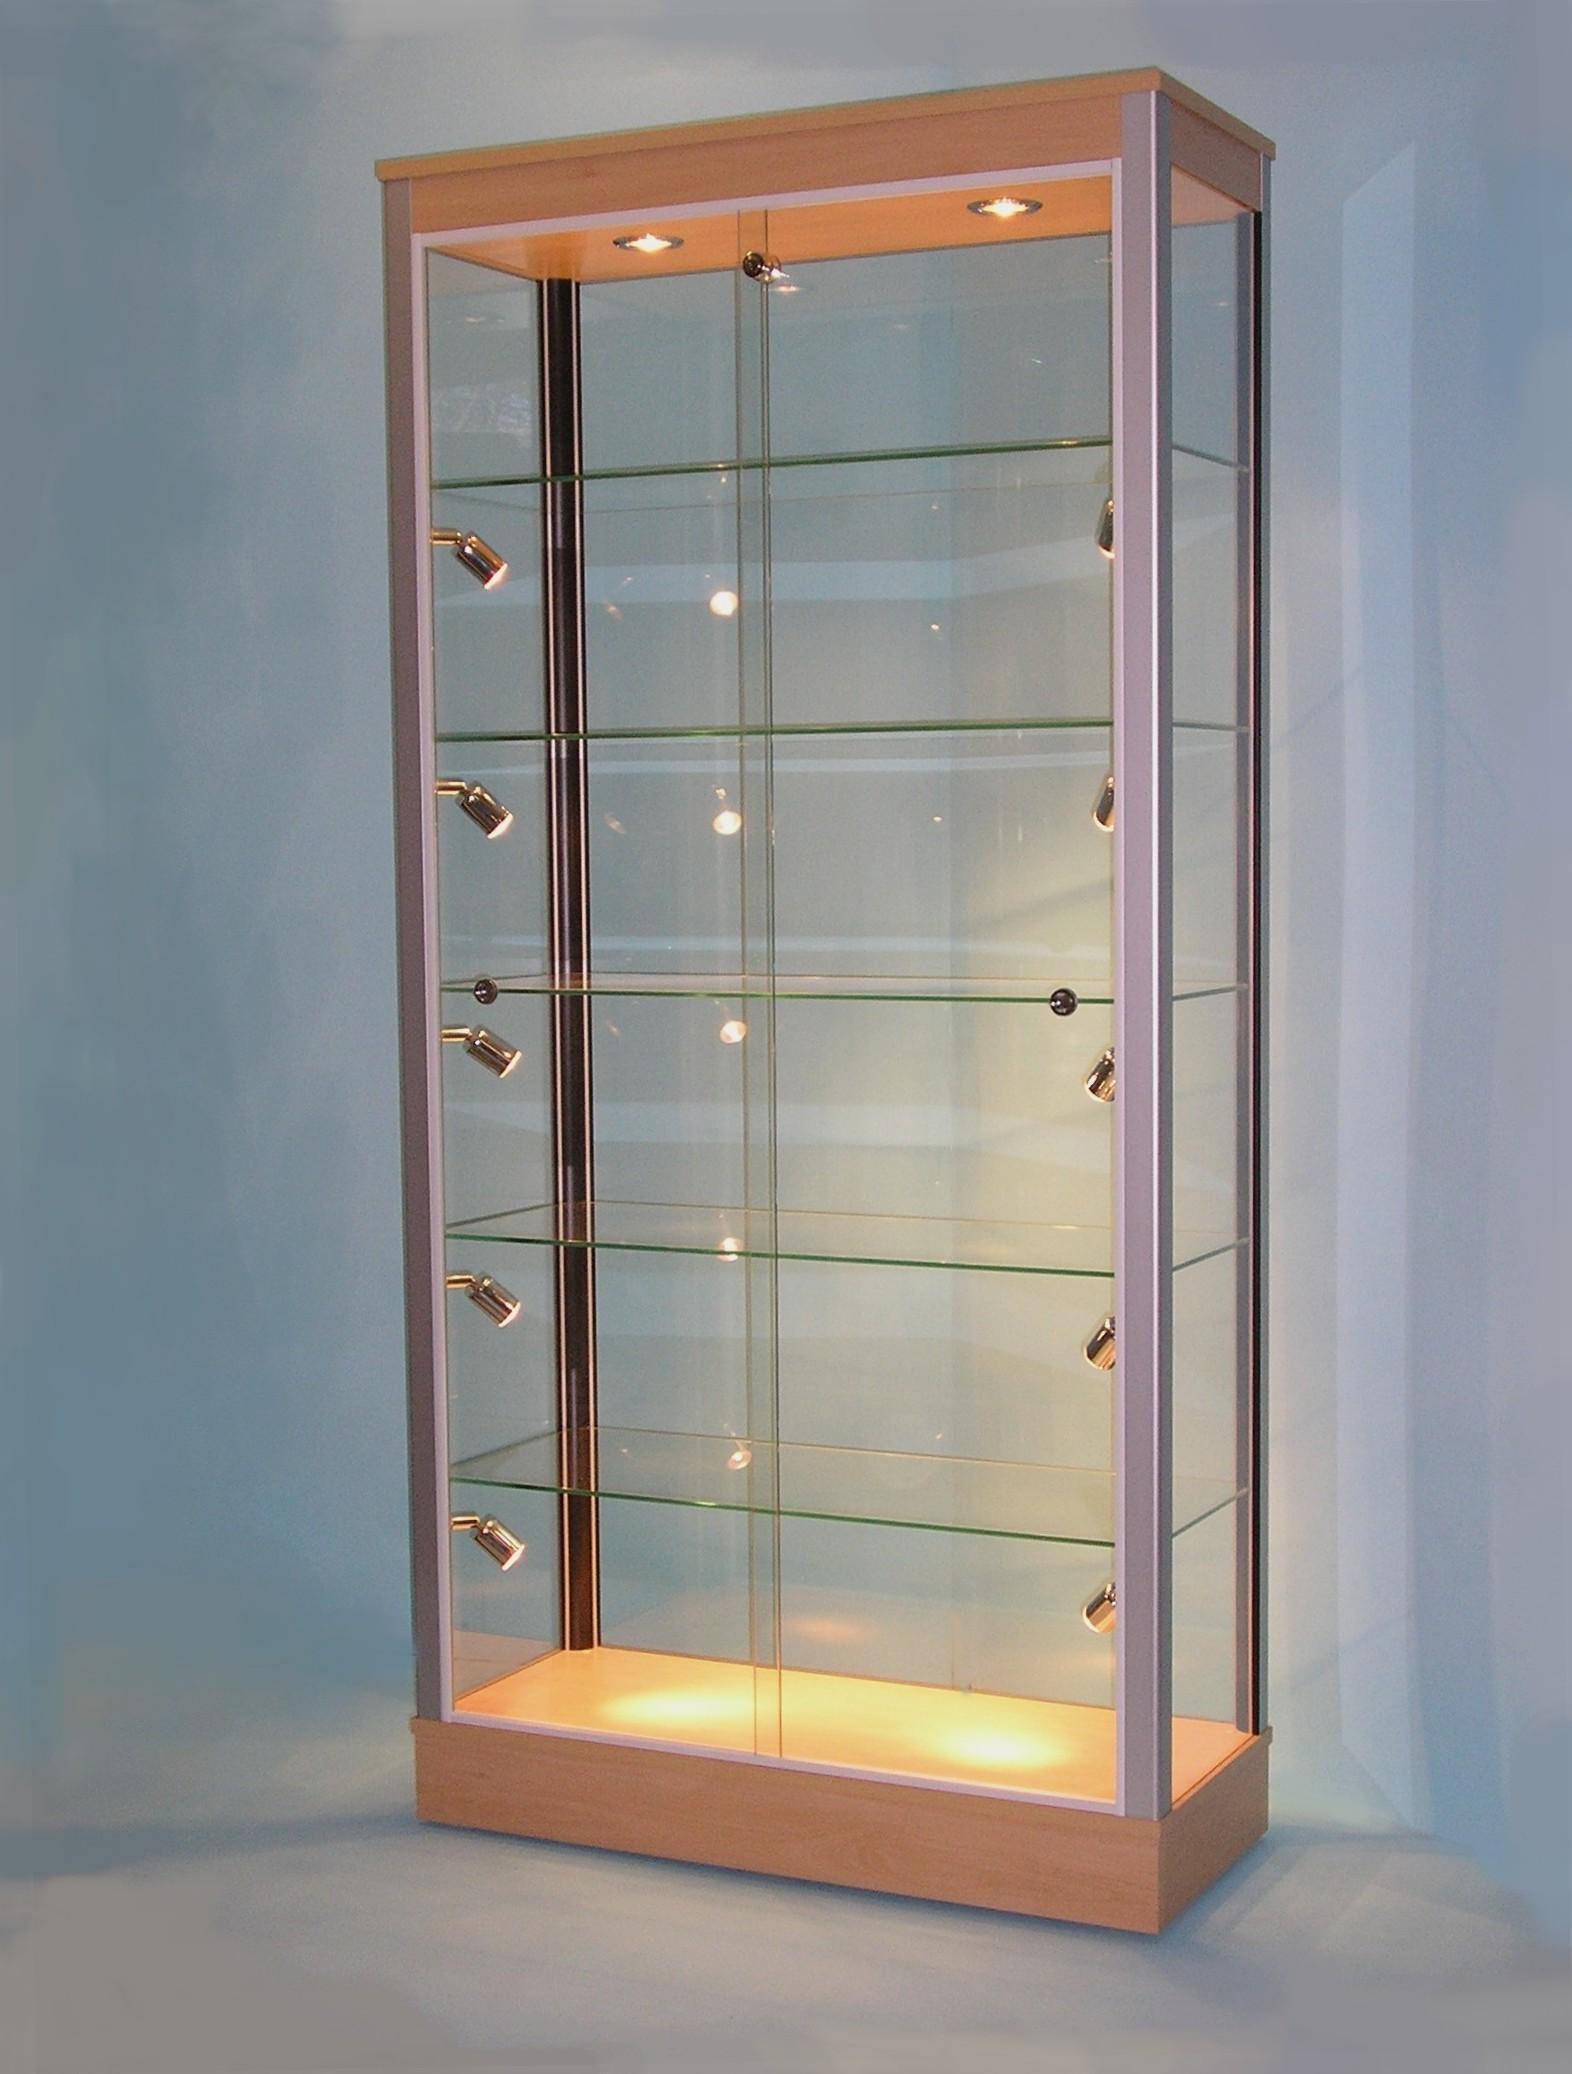 large glass display cabinets designex cabinets. Black Bedroom Furniture Sets. Home Design Ideas